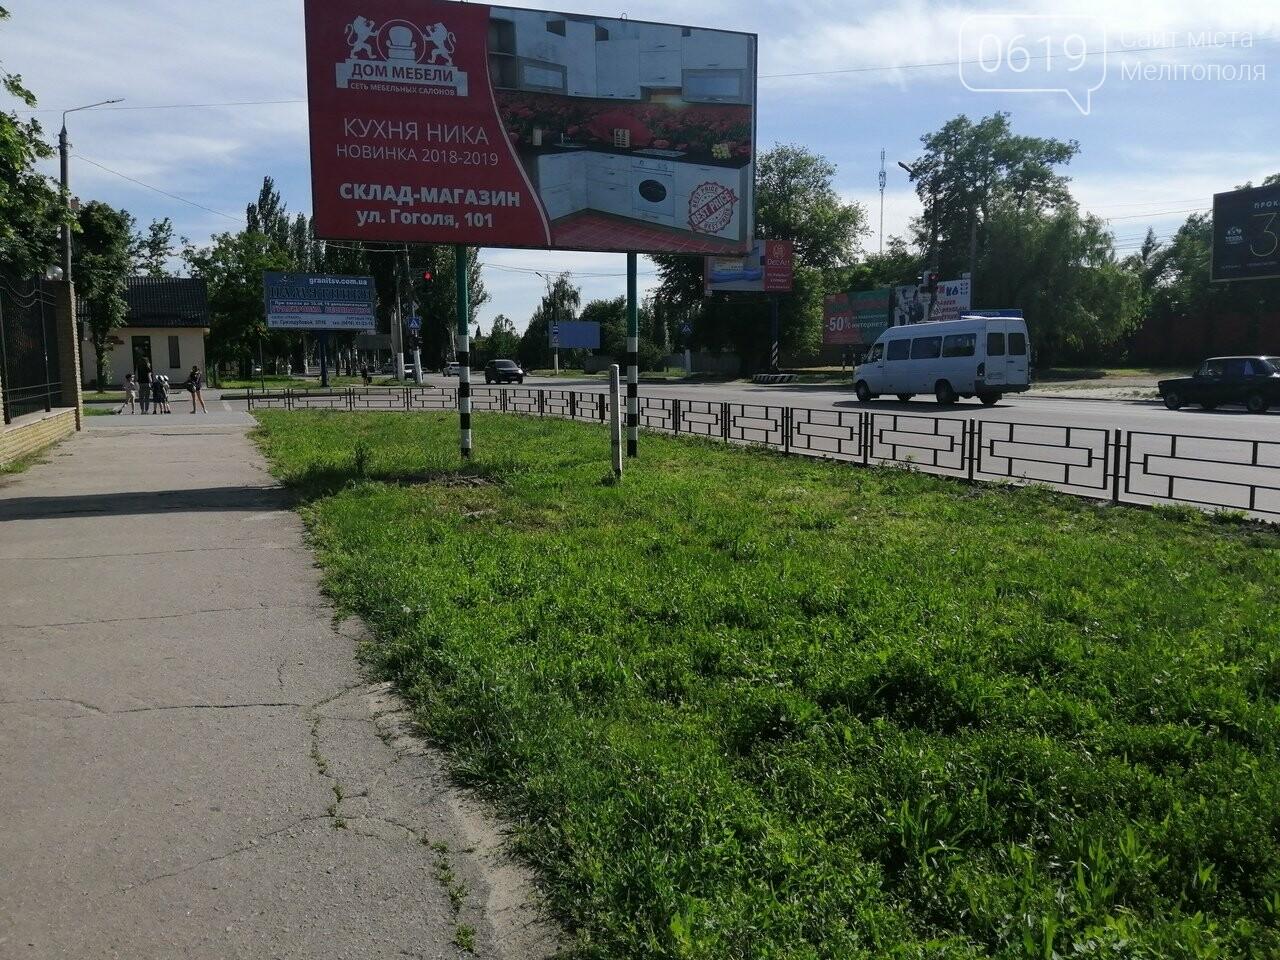 В Мелитополе около остановки появилось ограждение , фото-3, Фото сайта 0619